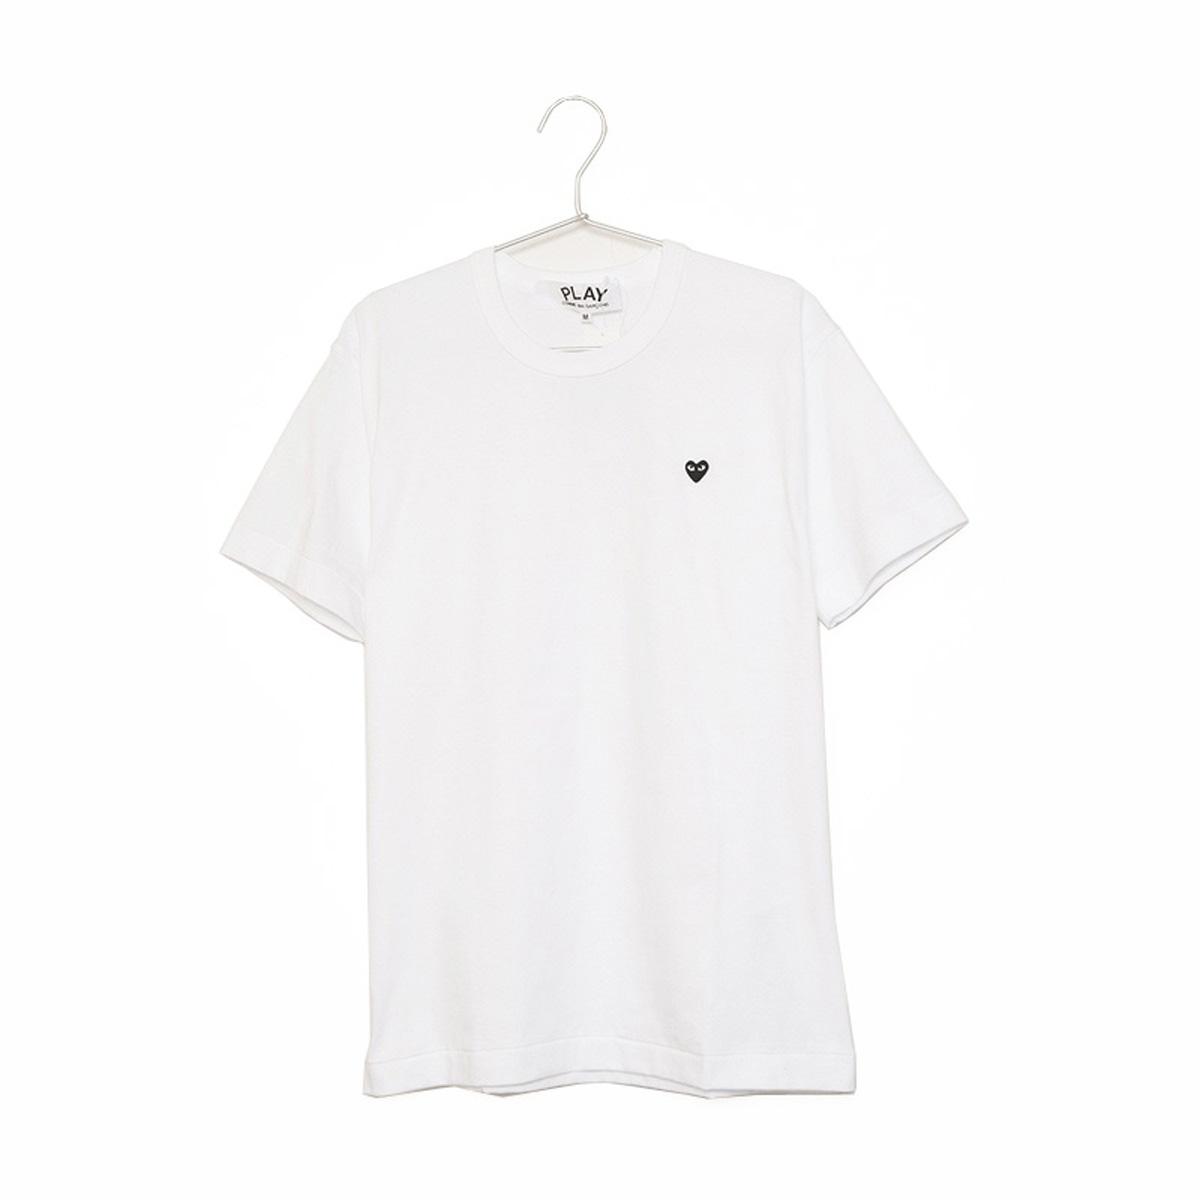 コムデギャルソン Tシャツ メンズ 半袖 PLAY LOGO BLACK HEART S/S TEE プレイ ロゴ ブラック ハート AZ-T202-051 ホワイト+ブラック